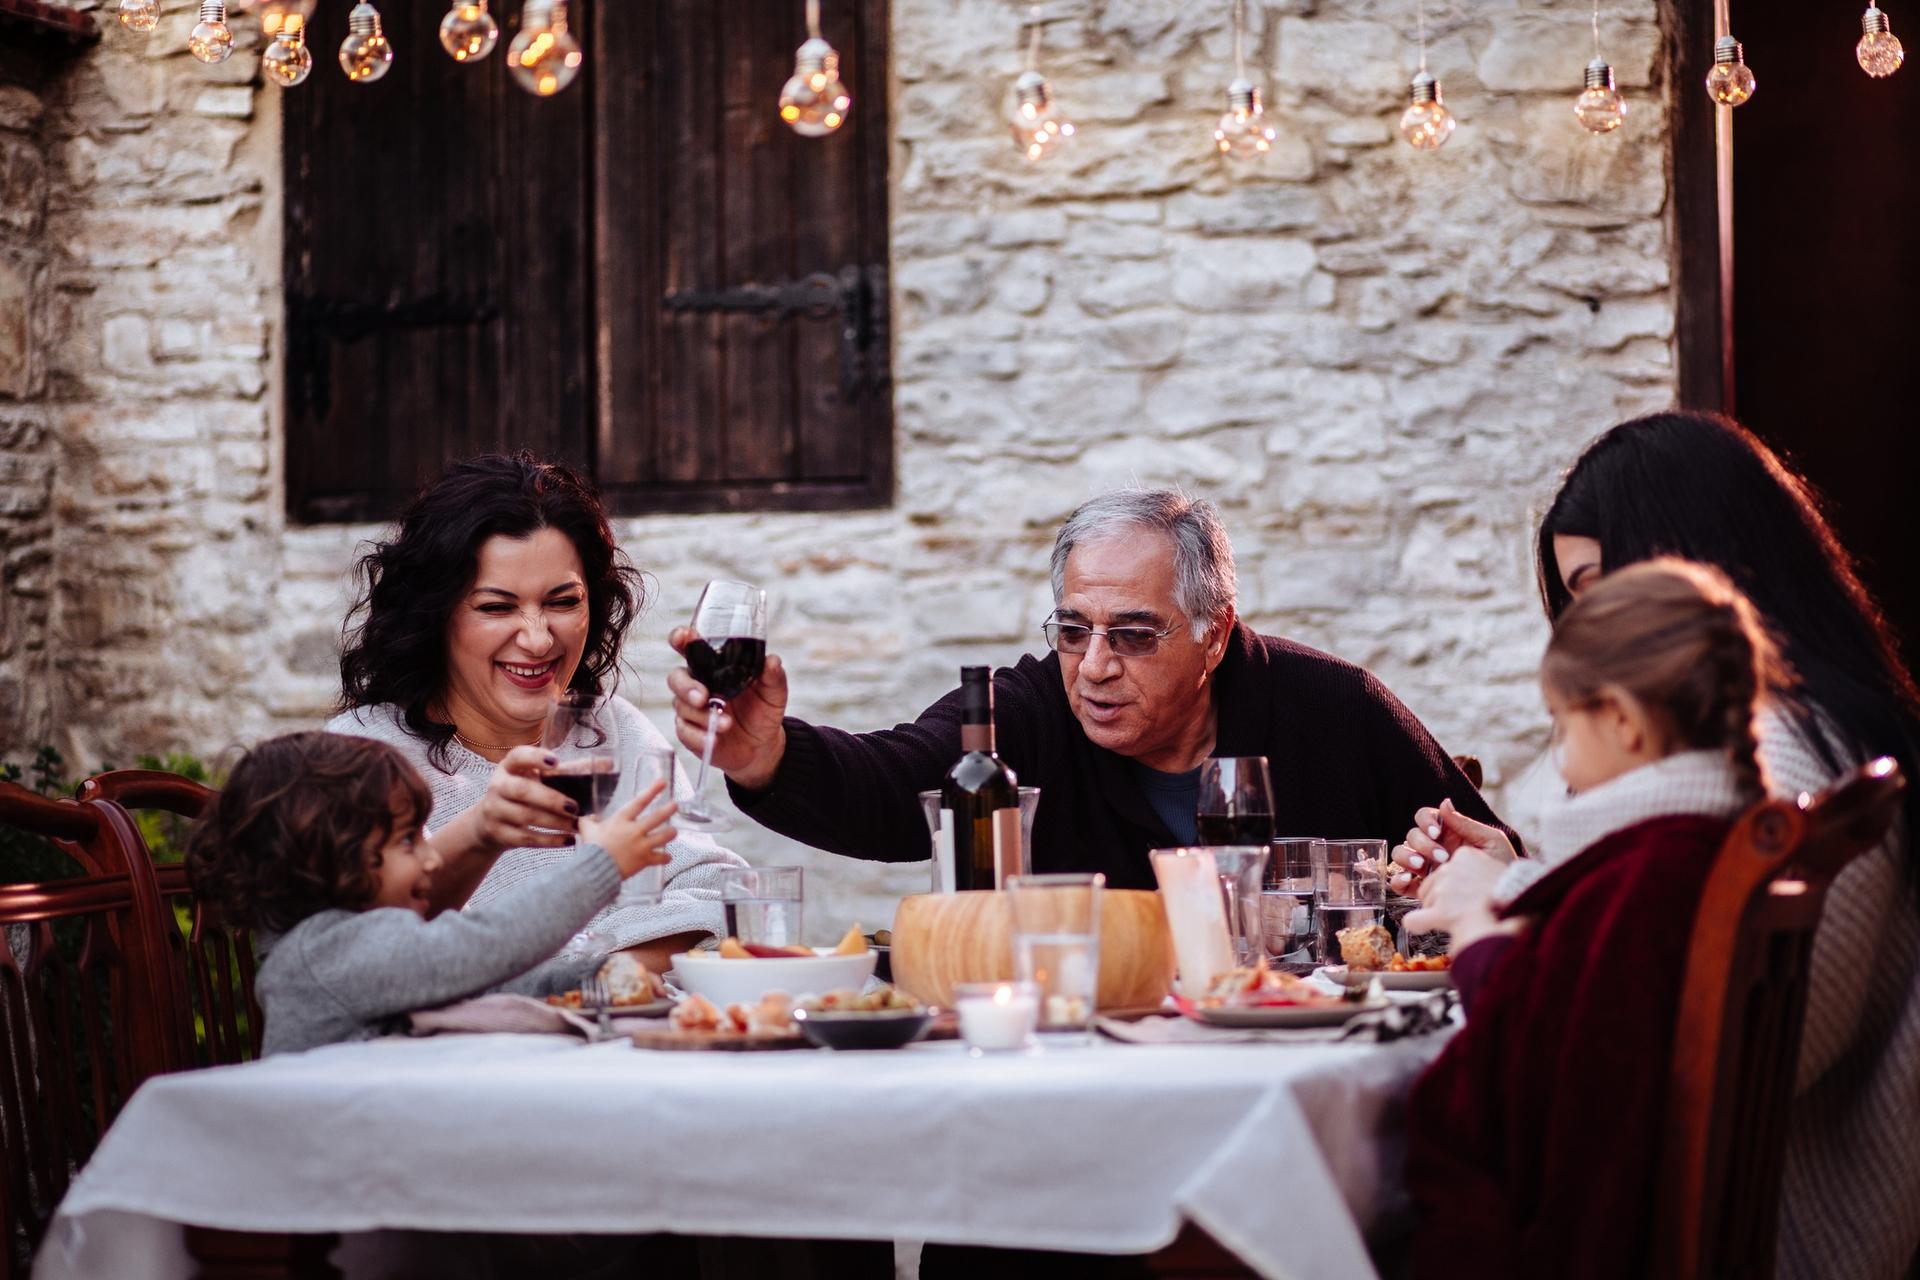 義大利政府每月提供約 480 歐元給嚴重失能的老人,少數地方政府另外發放 300-500 元津貼。有些人認為,政府以現金補助取代照護機構,讓義大利家庭傳統得以被保留。但外籍看護工是否為長久之策,仍值得觀察。 圖│ iStock